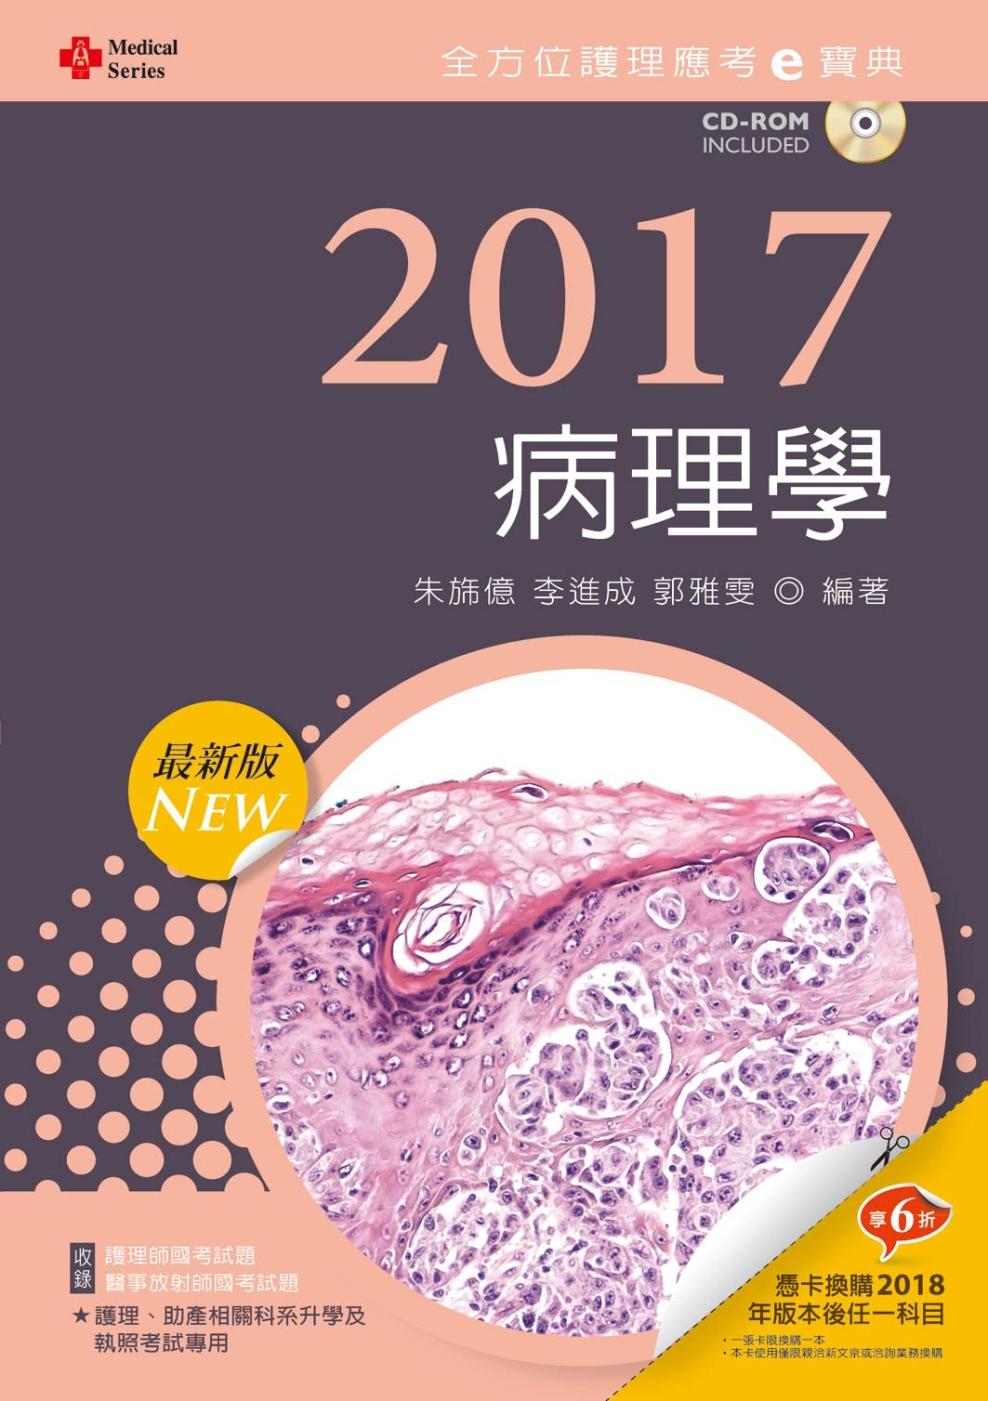 2017最新版 全方位護理應考e寶典:病理學【附歷屆試題光碟(護理師、放射師)】(九版)